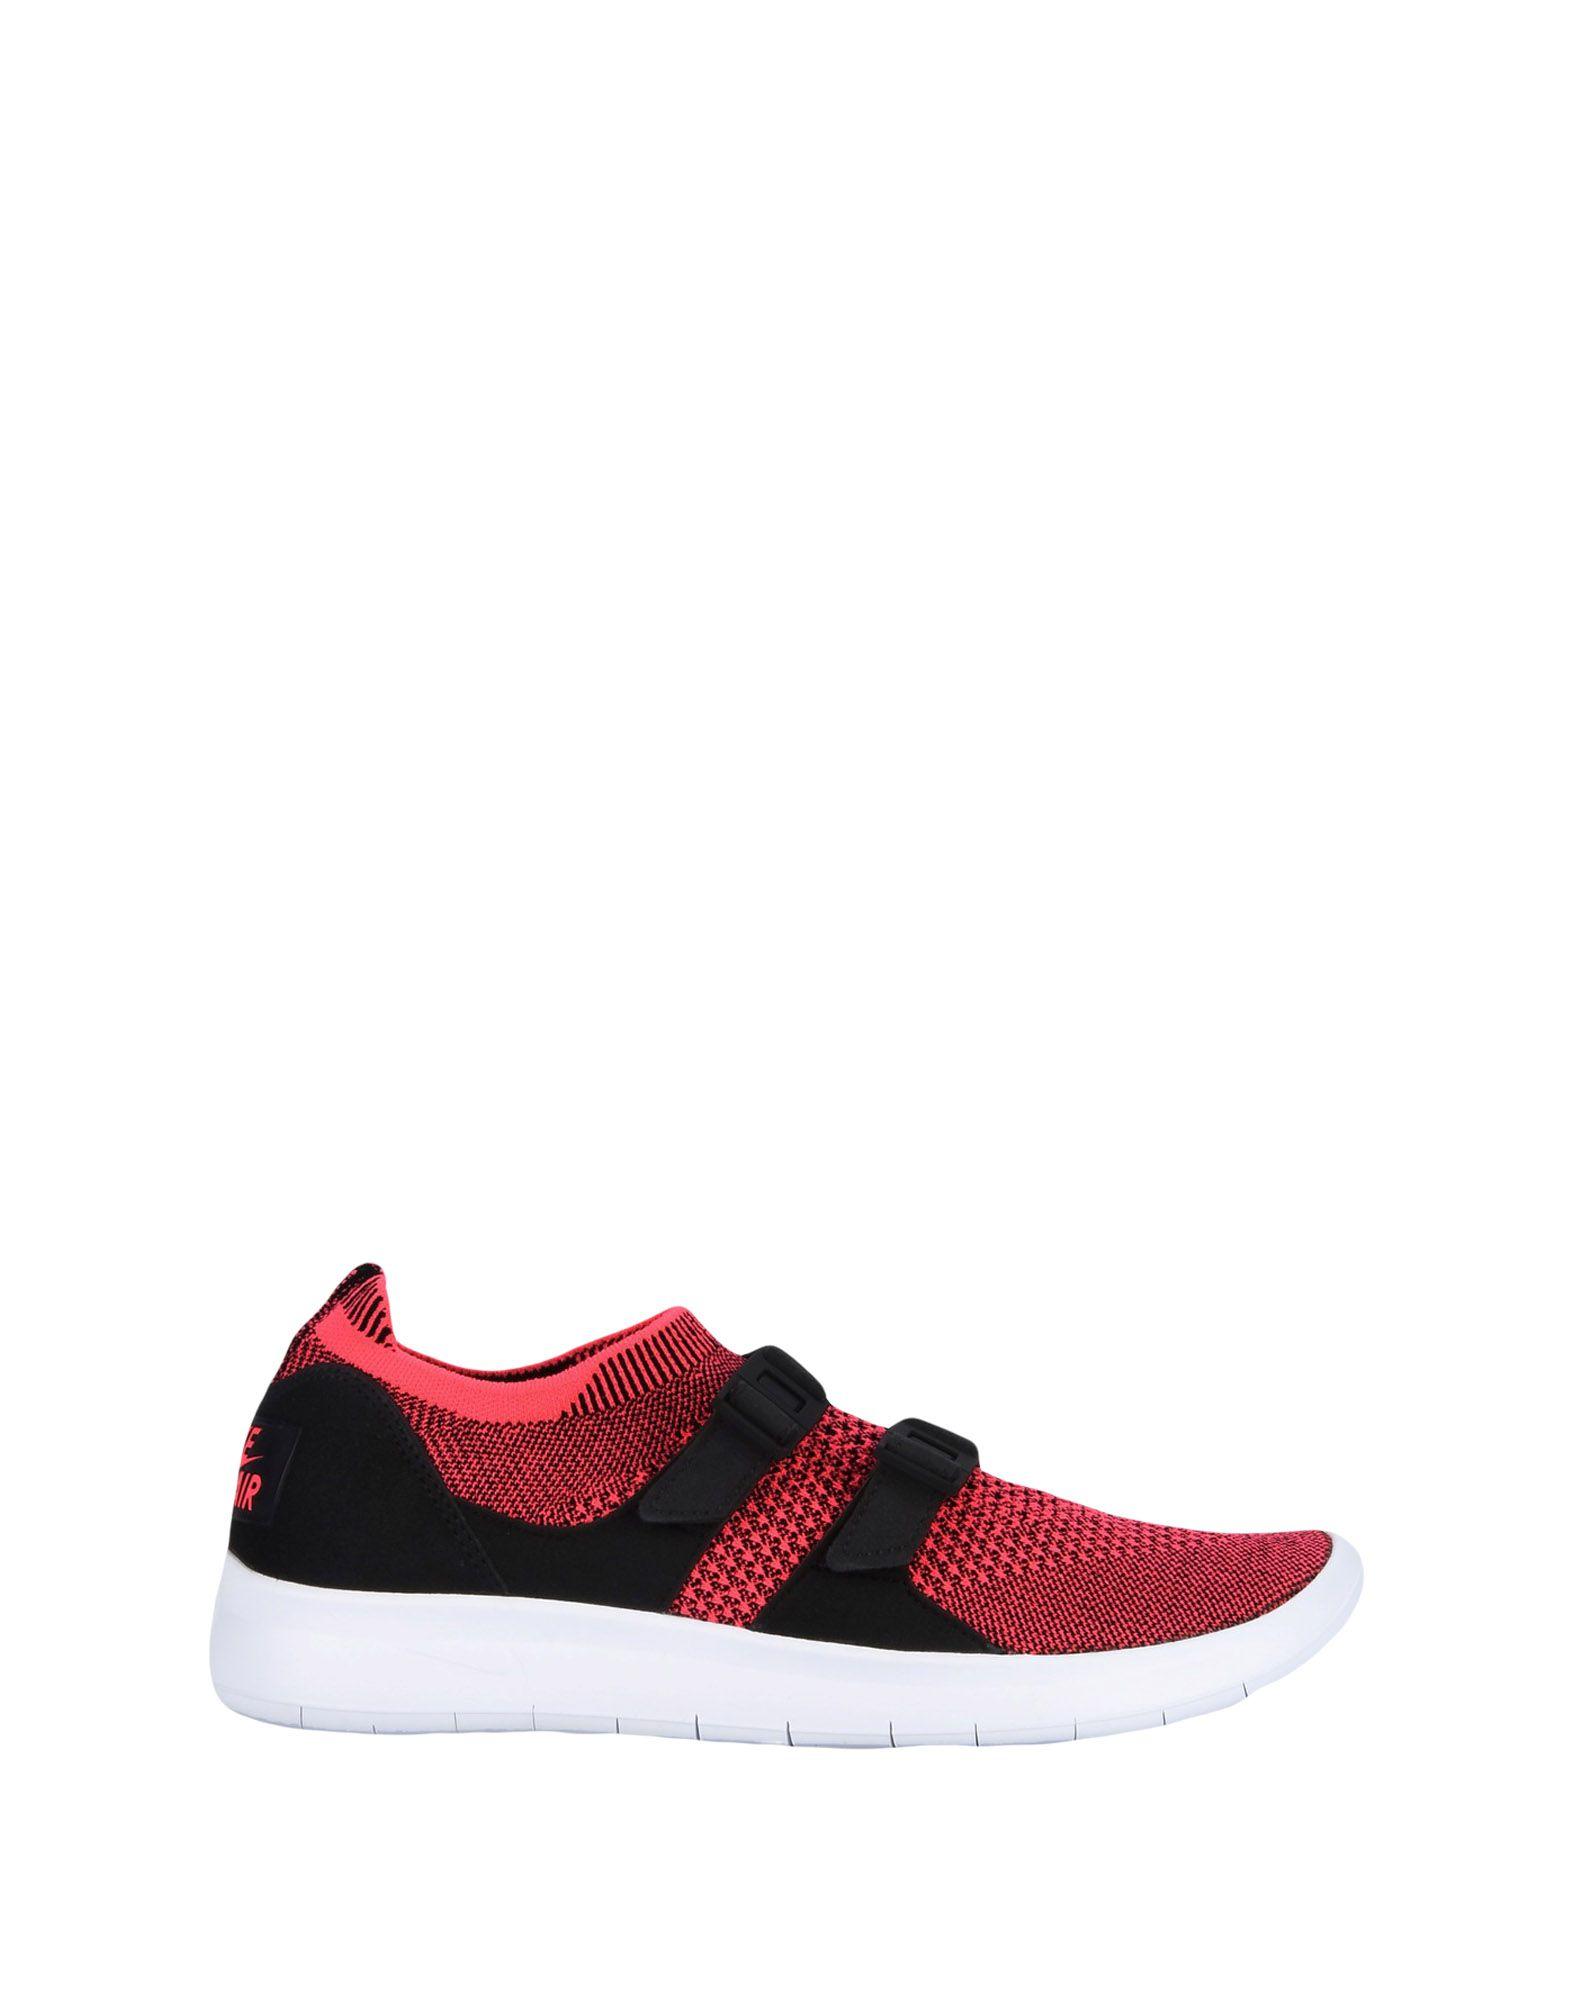 Nike   Air Sockracer Flyknit  Nike 11277082FW  0e953f